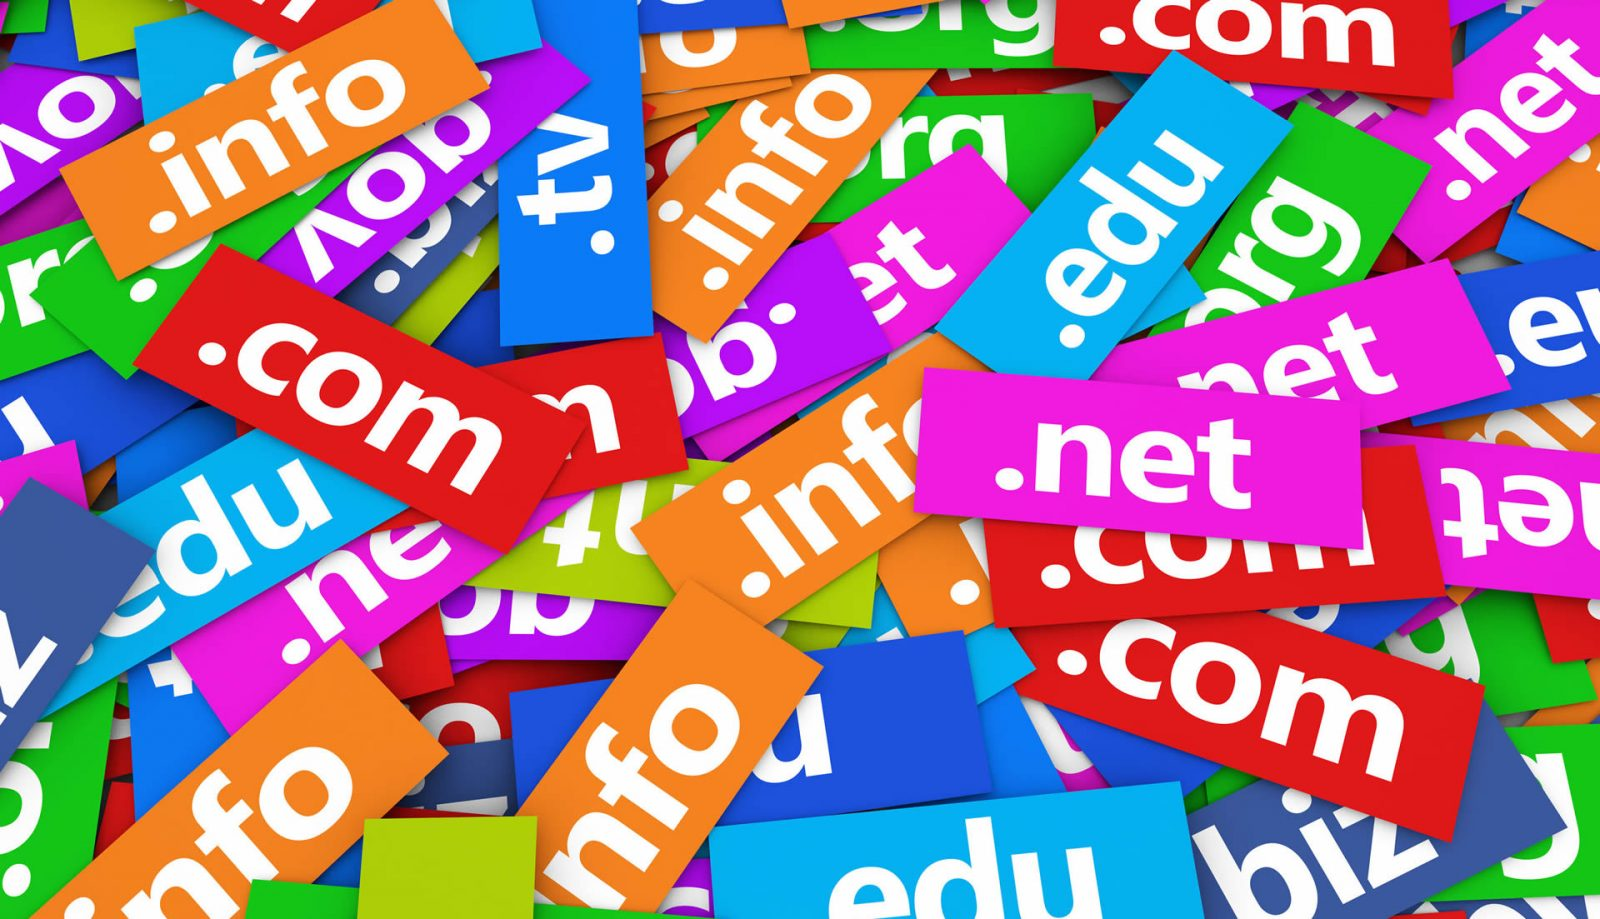 registrazione di un dominio - Suggerimenti per la registrazione di un dominio - Suggerimenti per la registrazione di un dominio